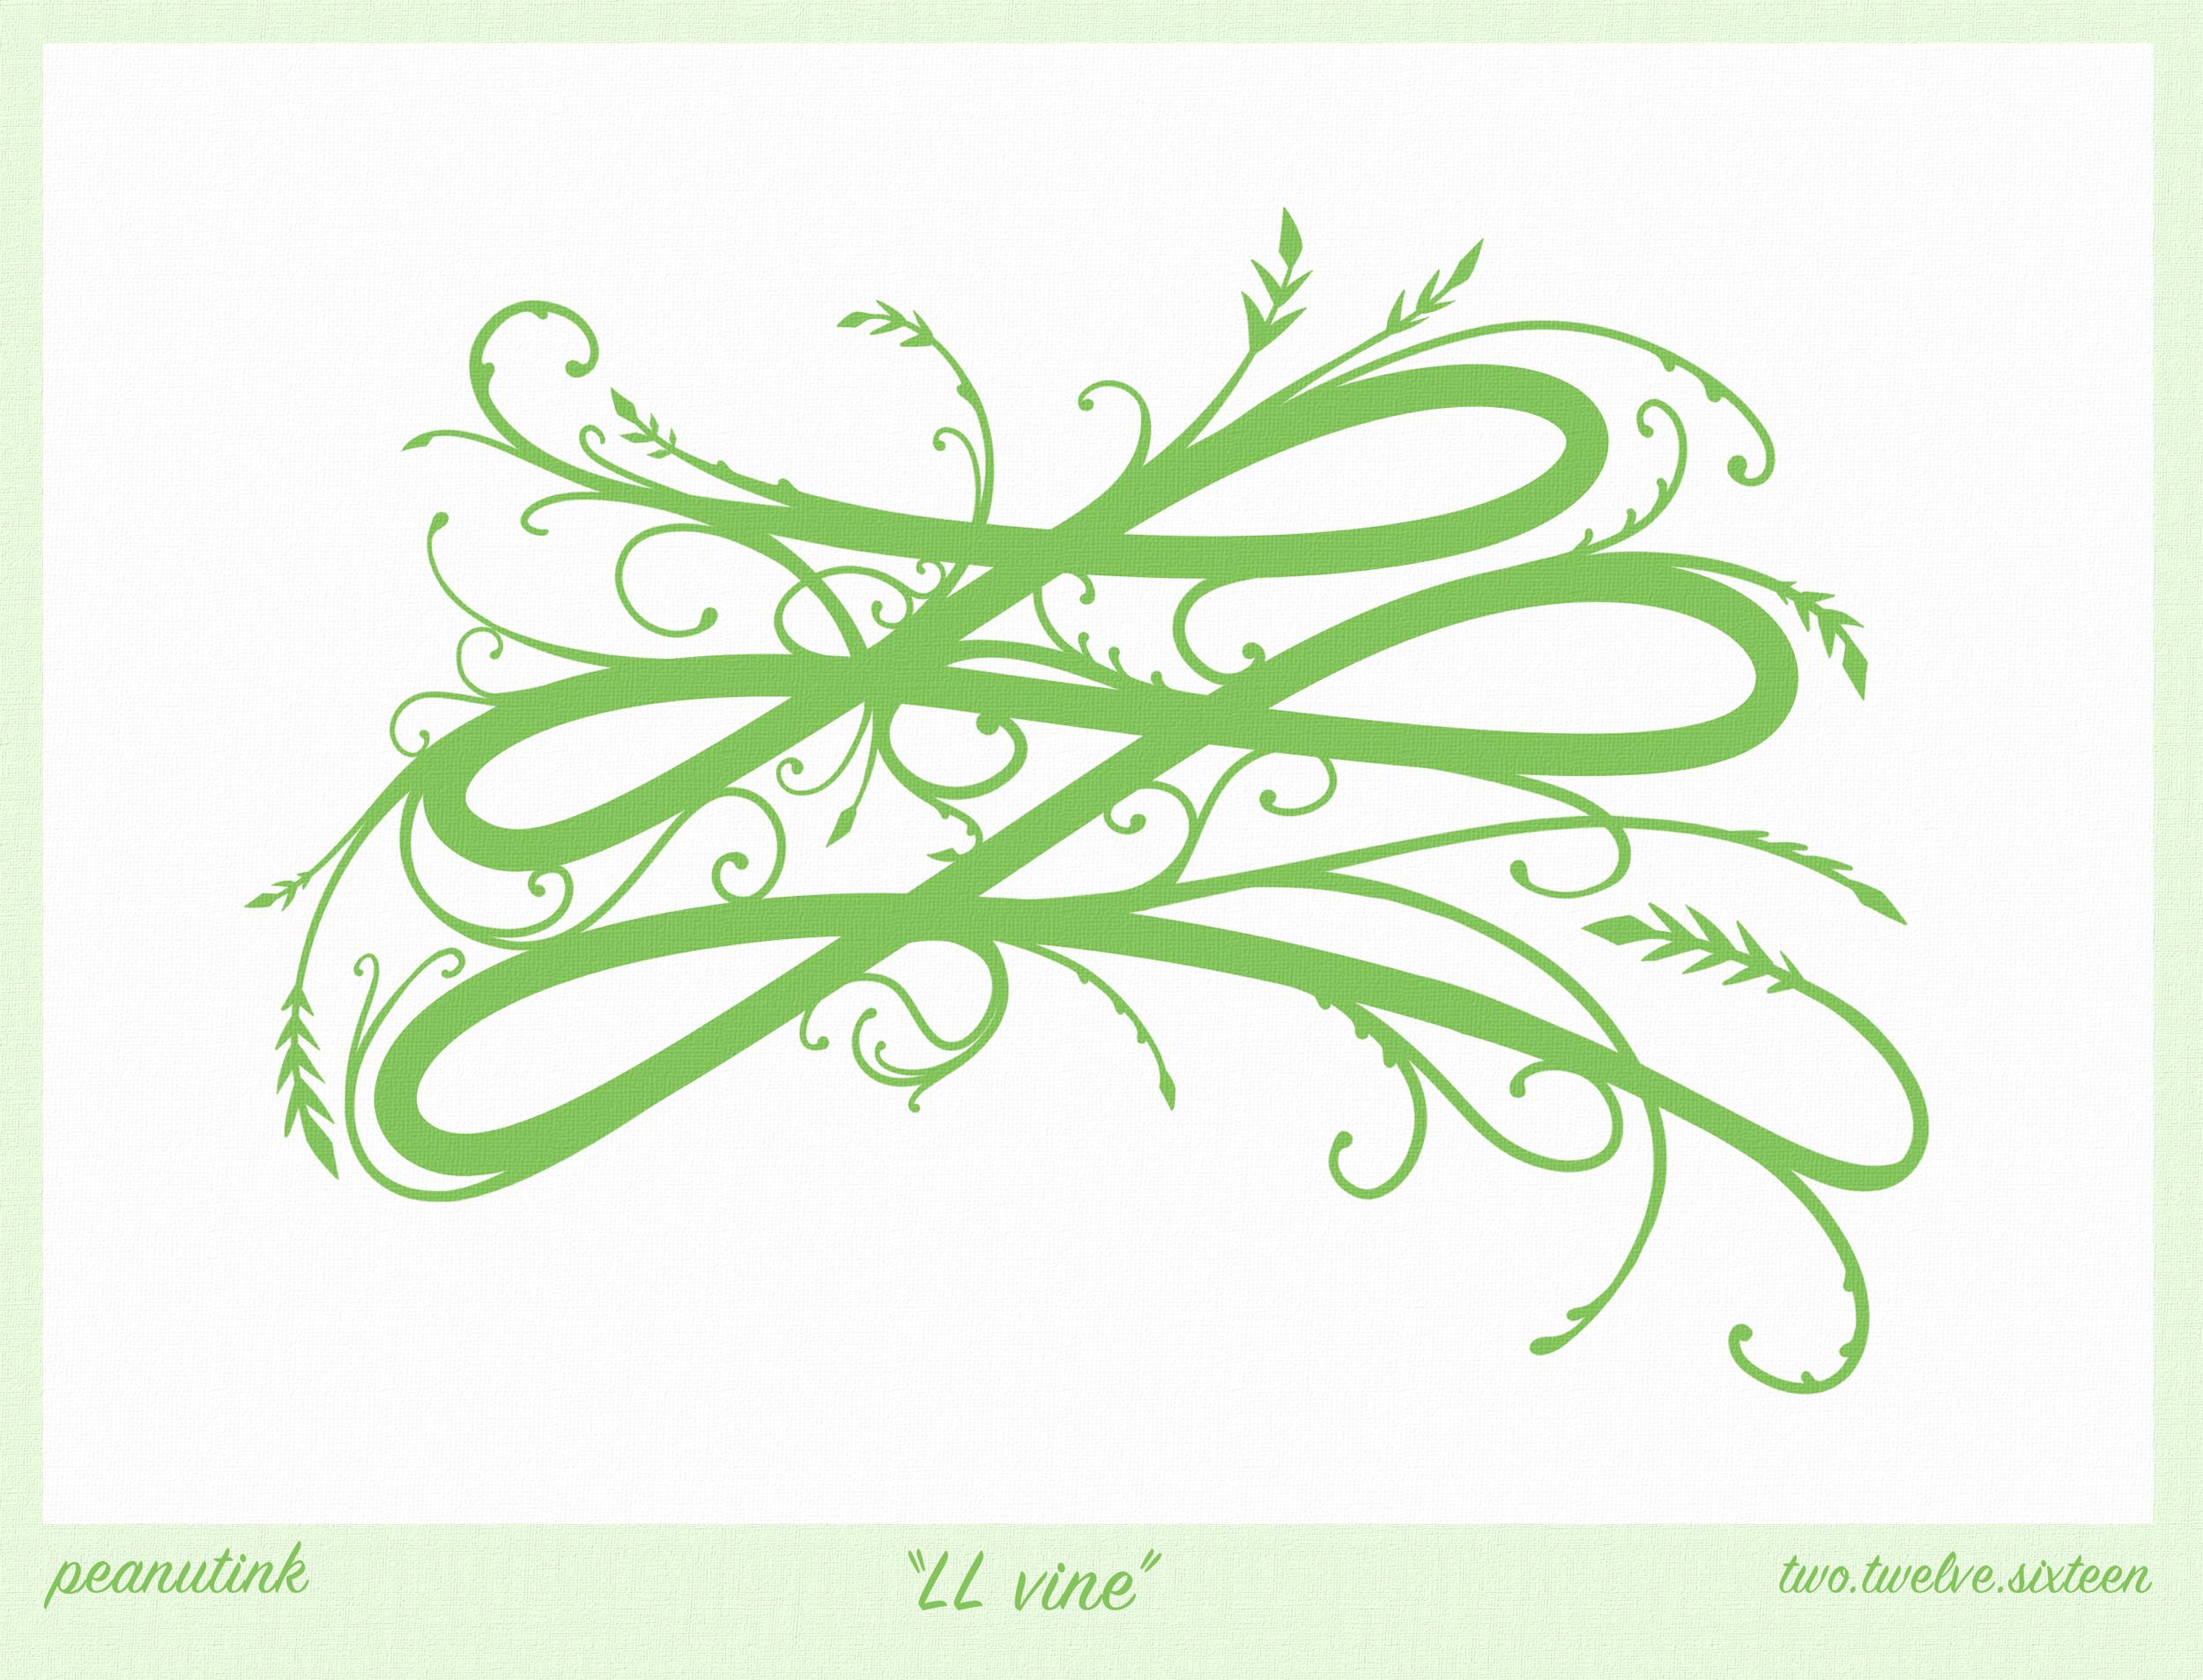 """...weekly ink #108 - """"LL vine""""..."""